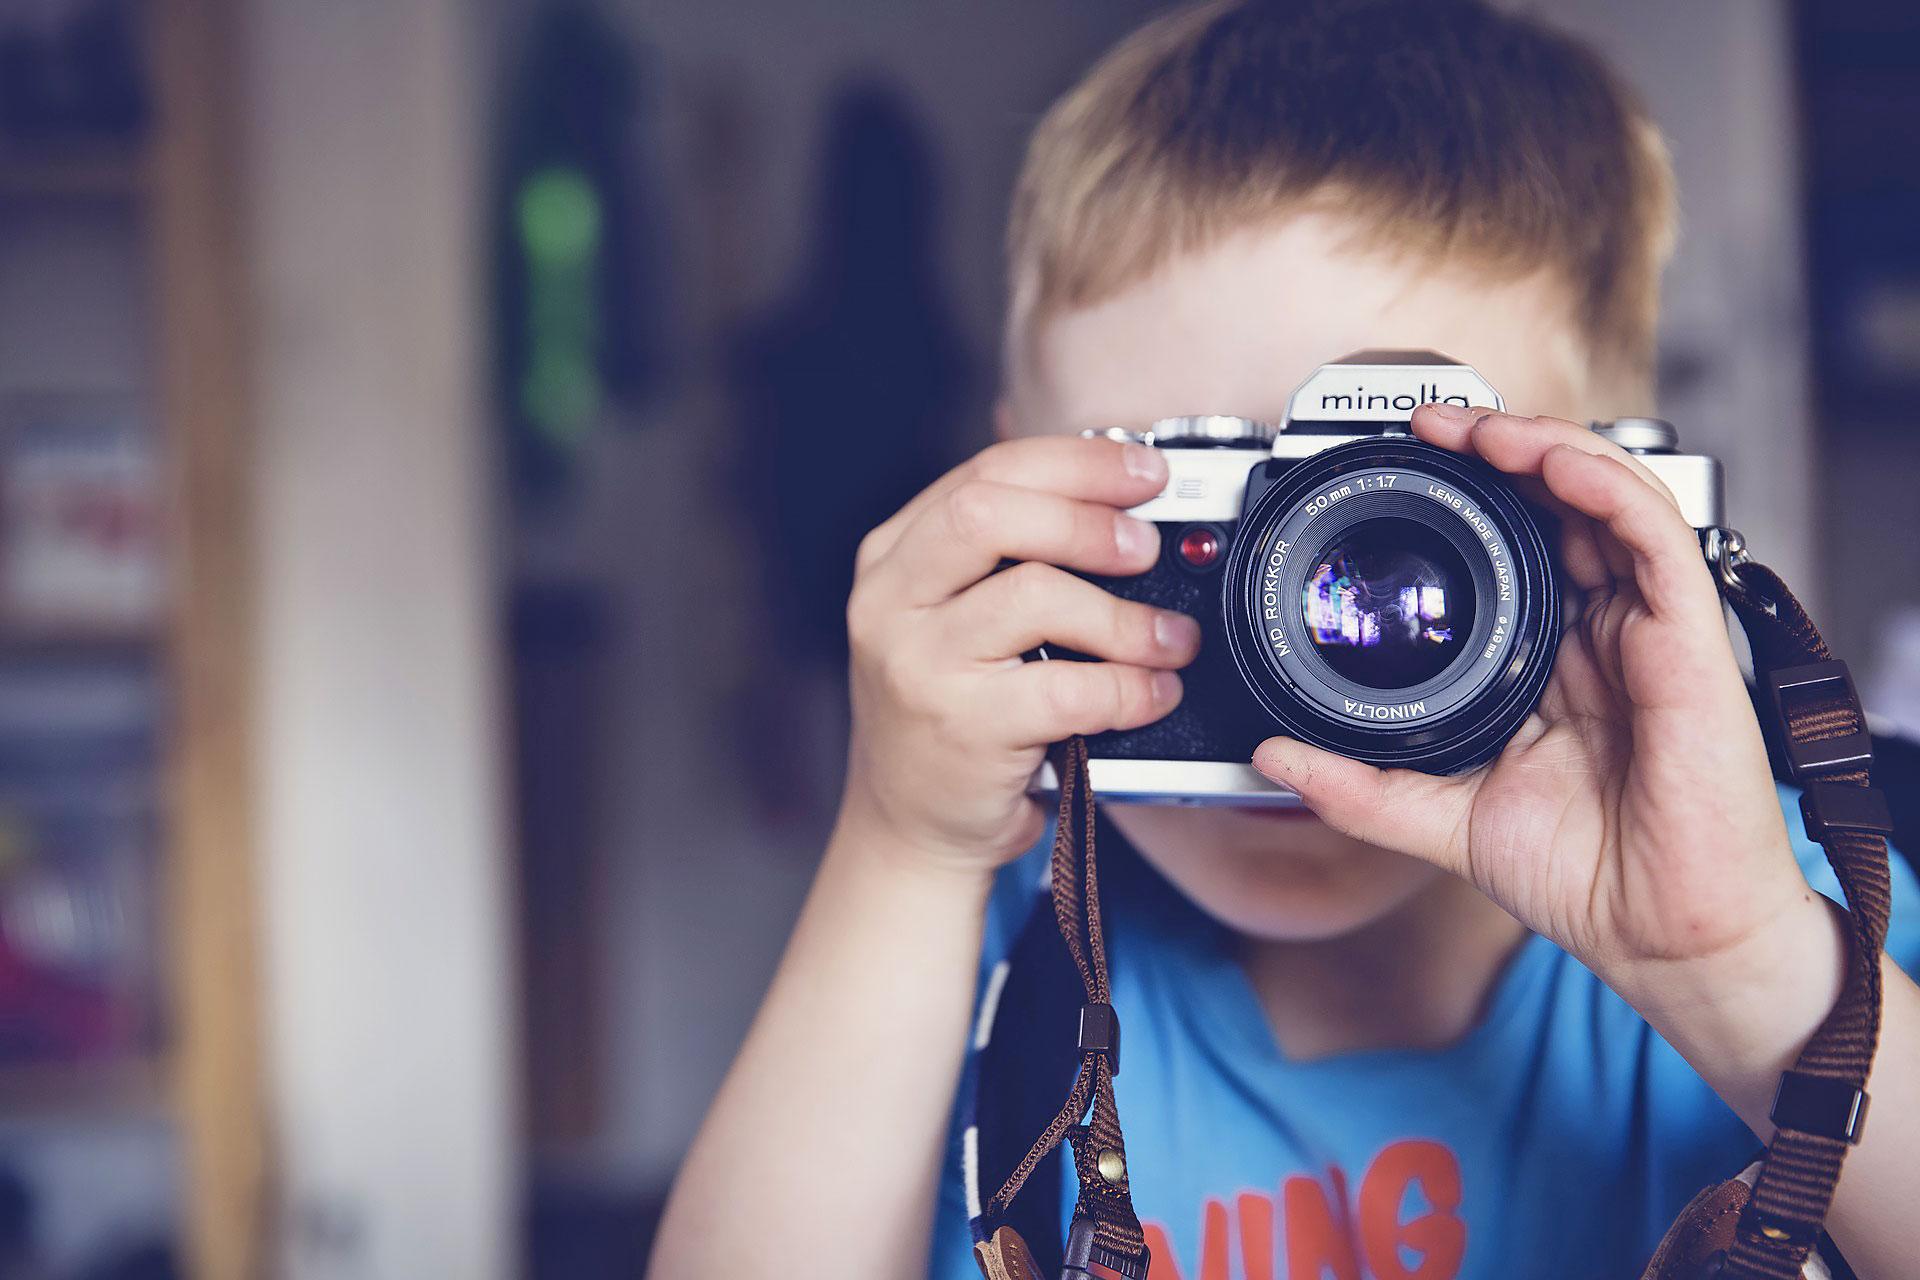 kleiner Junge mit einer Minolta-Fotokamera